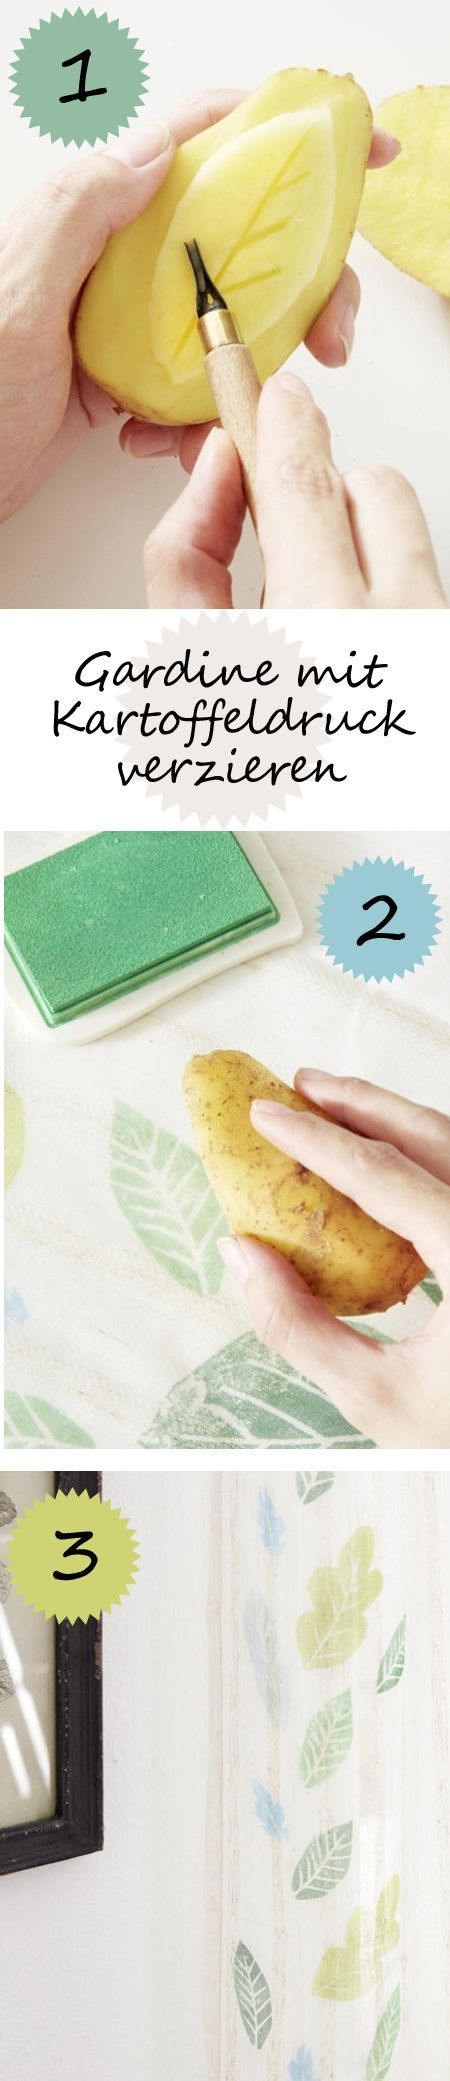 Kartoffeldruck - einfache DIY-Idee! Und SO kannst du den Stempel selber machen - und mit dem Kartoffeldruckverfahren schnell und einfach eine Gardine verzieren >>>